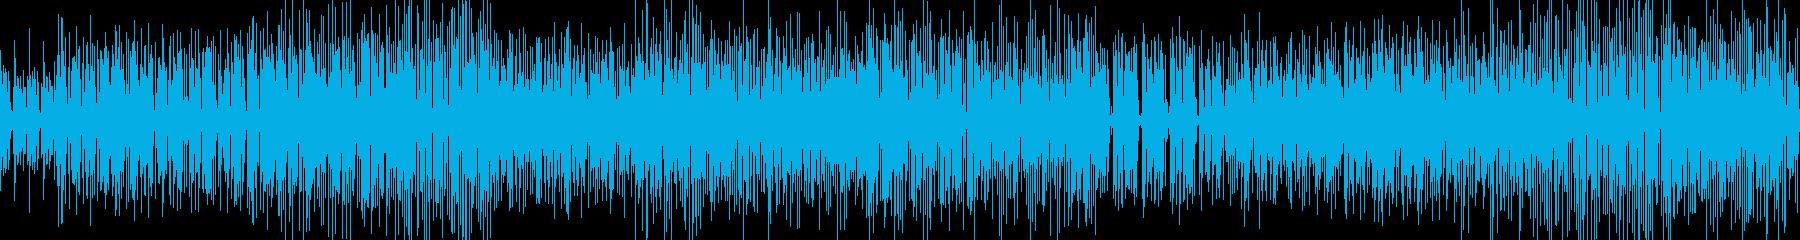 Funky Groove、一発!の再生済みの波形